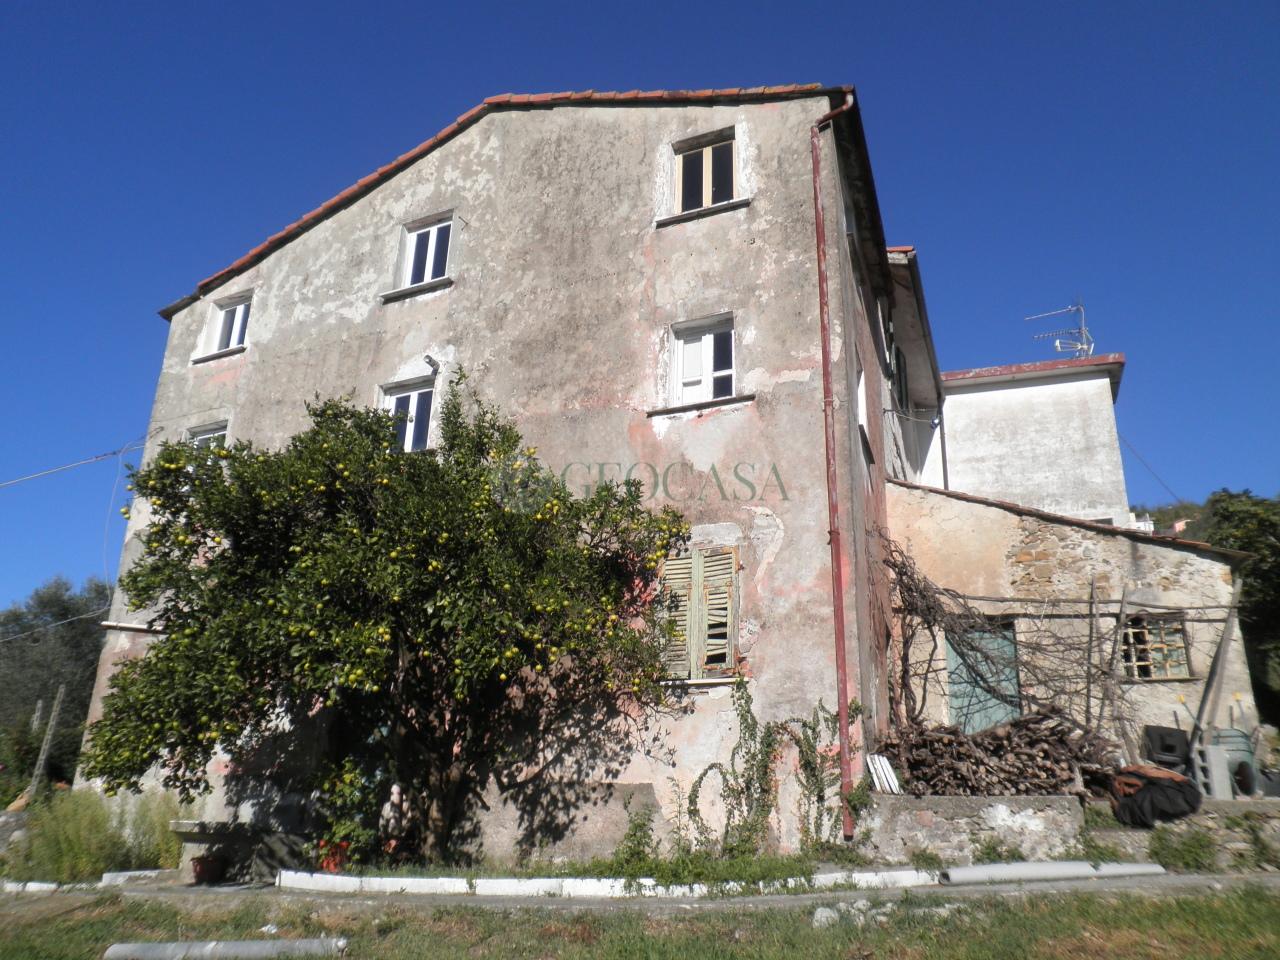 Rustico / Casale in vendita a La Spezia, 5 locali, prezzo € 50.000 | CambioCasa.it